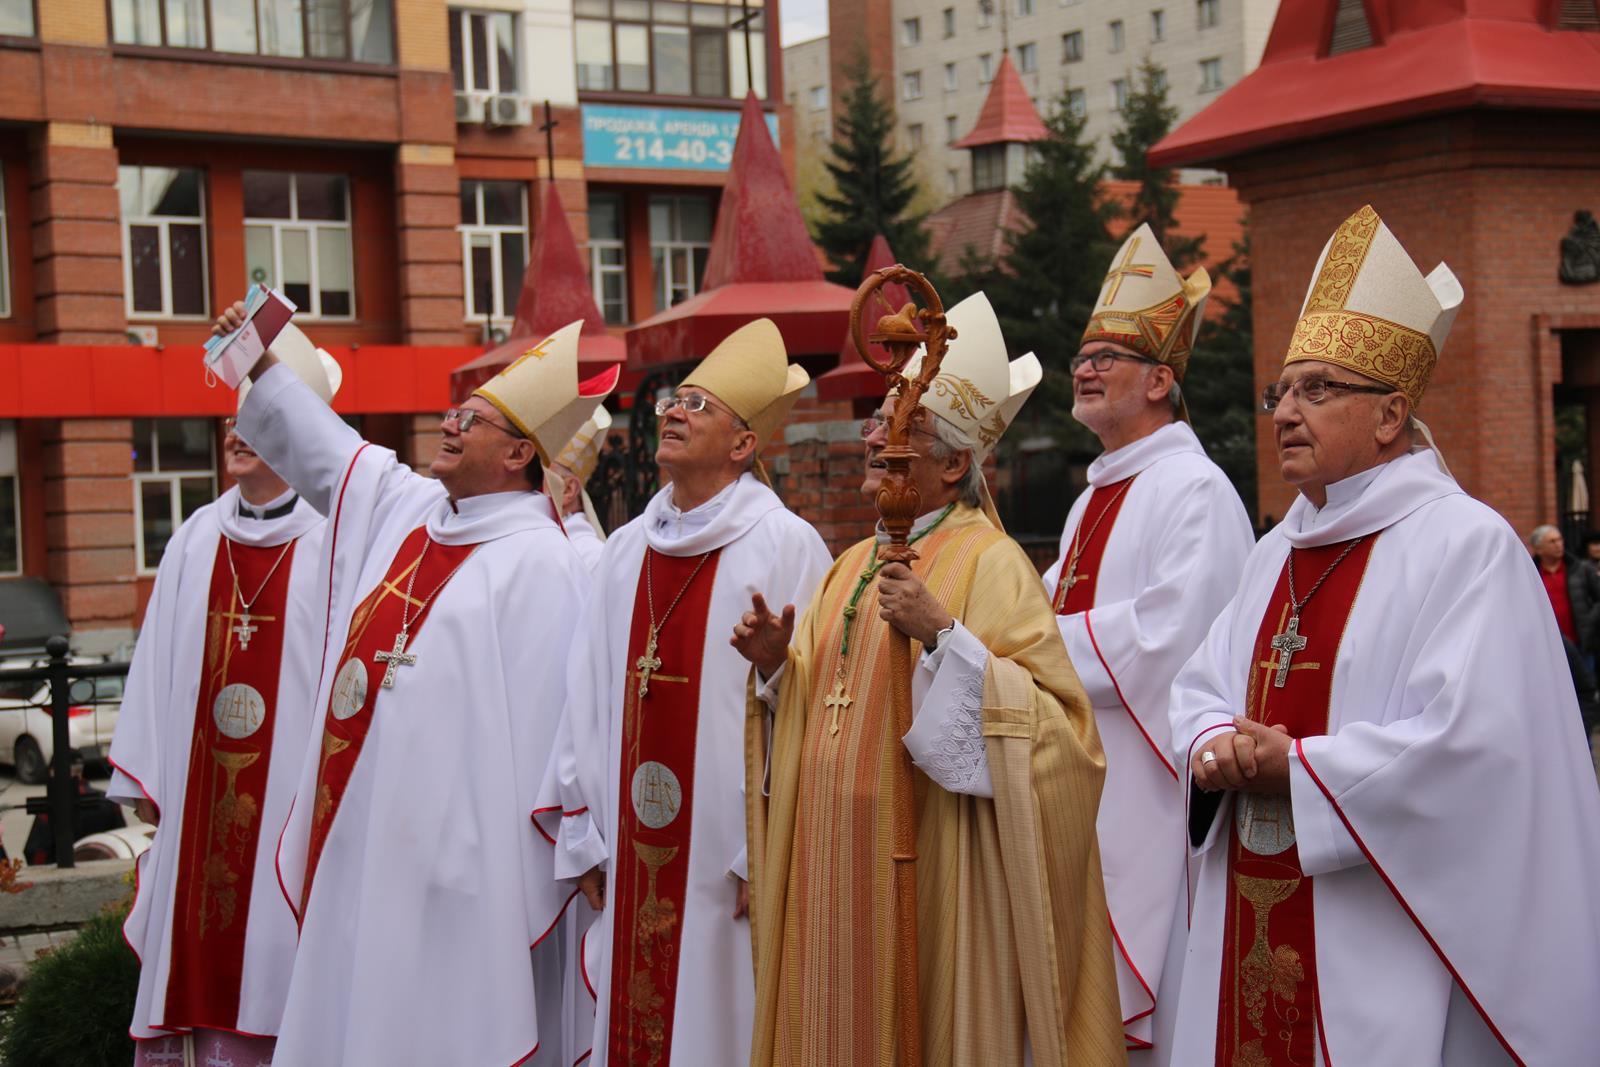 Празднование 30-летия восстановления структур Католической Церкви в России глазами делегата из Москвы